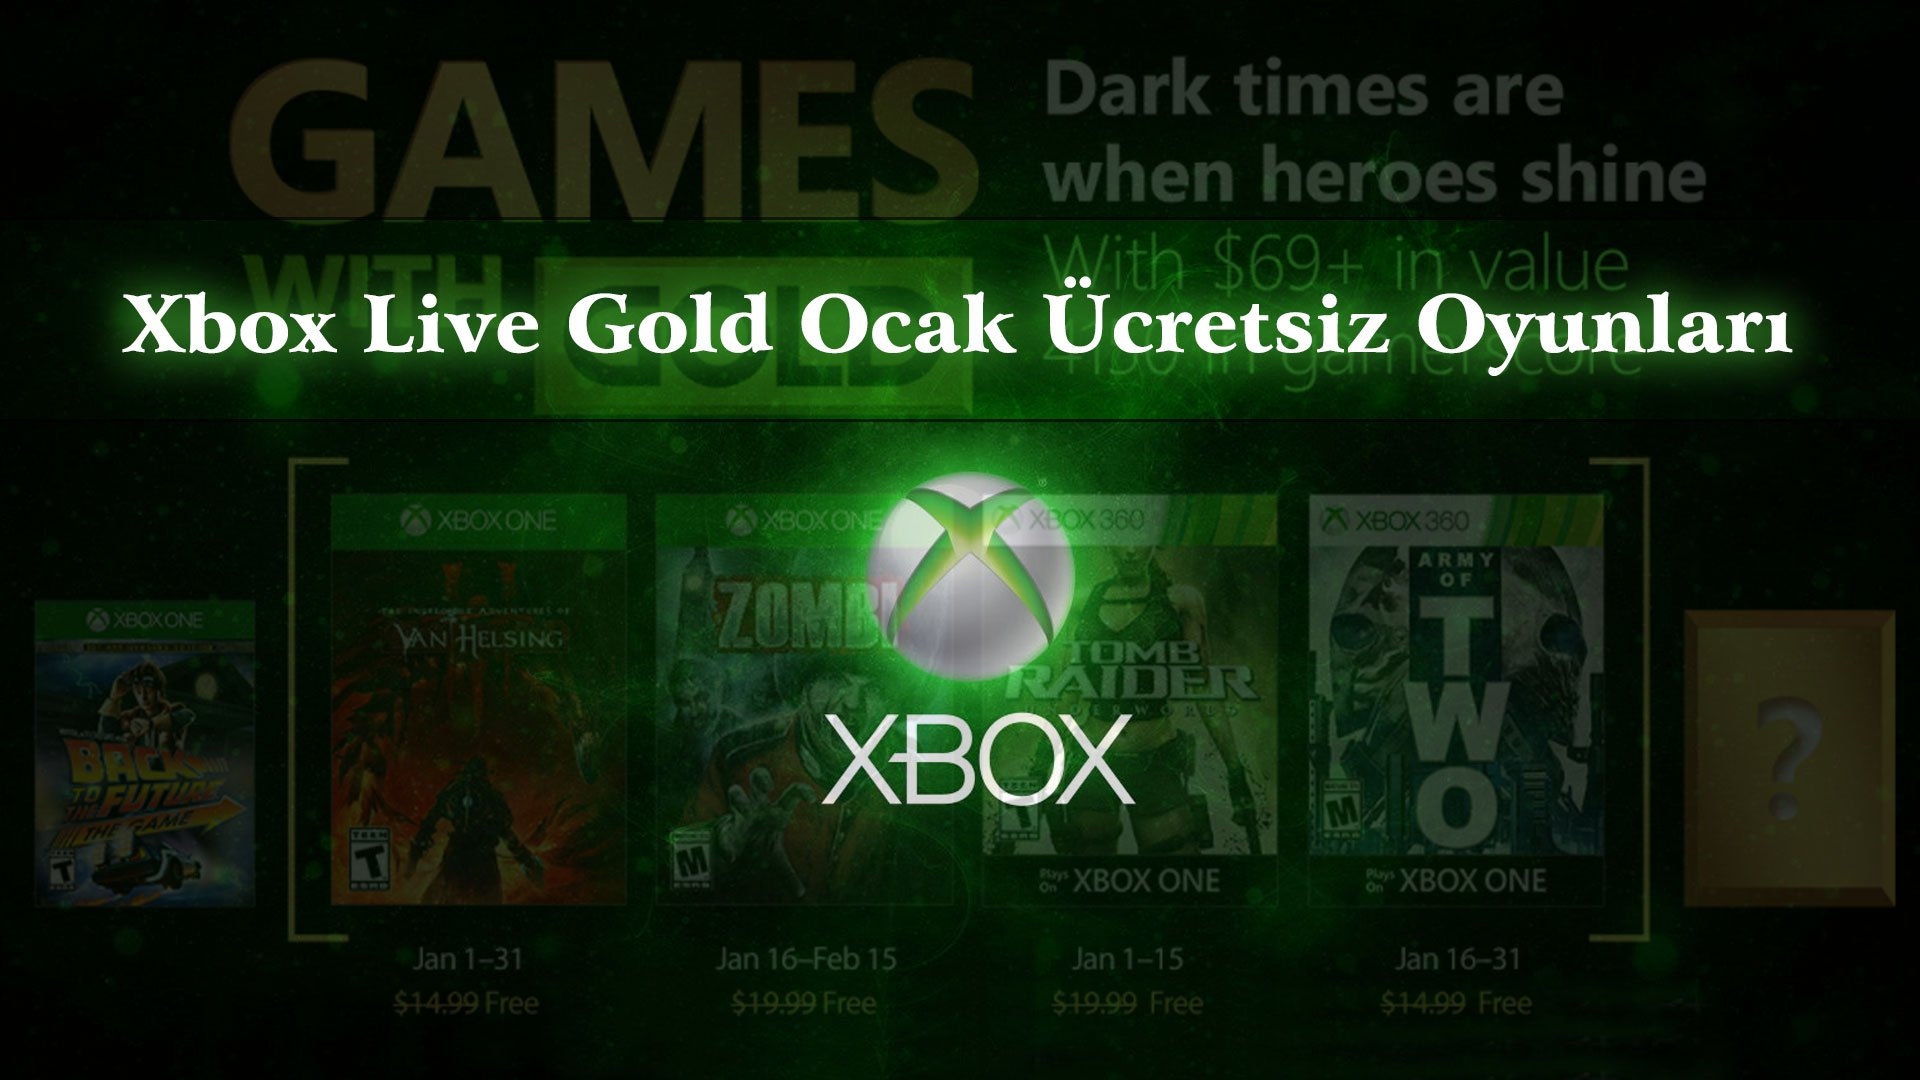 Xbox Live Gold 2019 Ocak Ayı Ücretsiz Oyunları